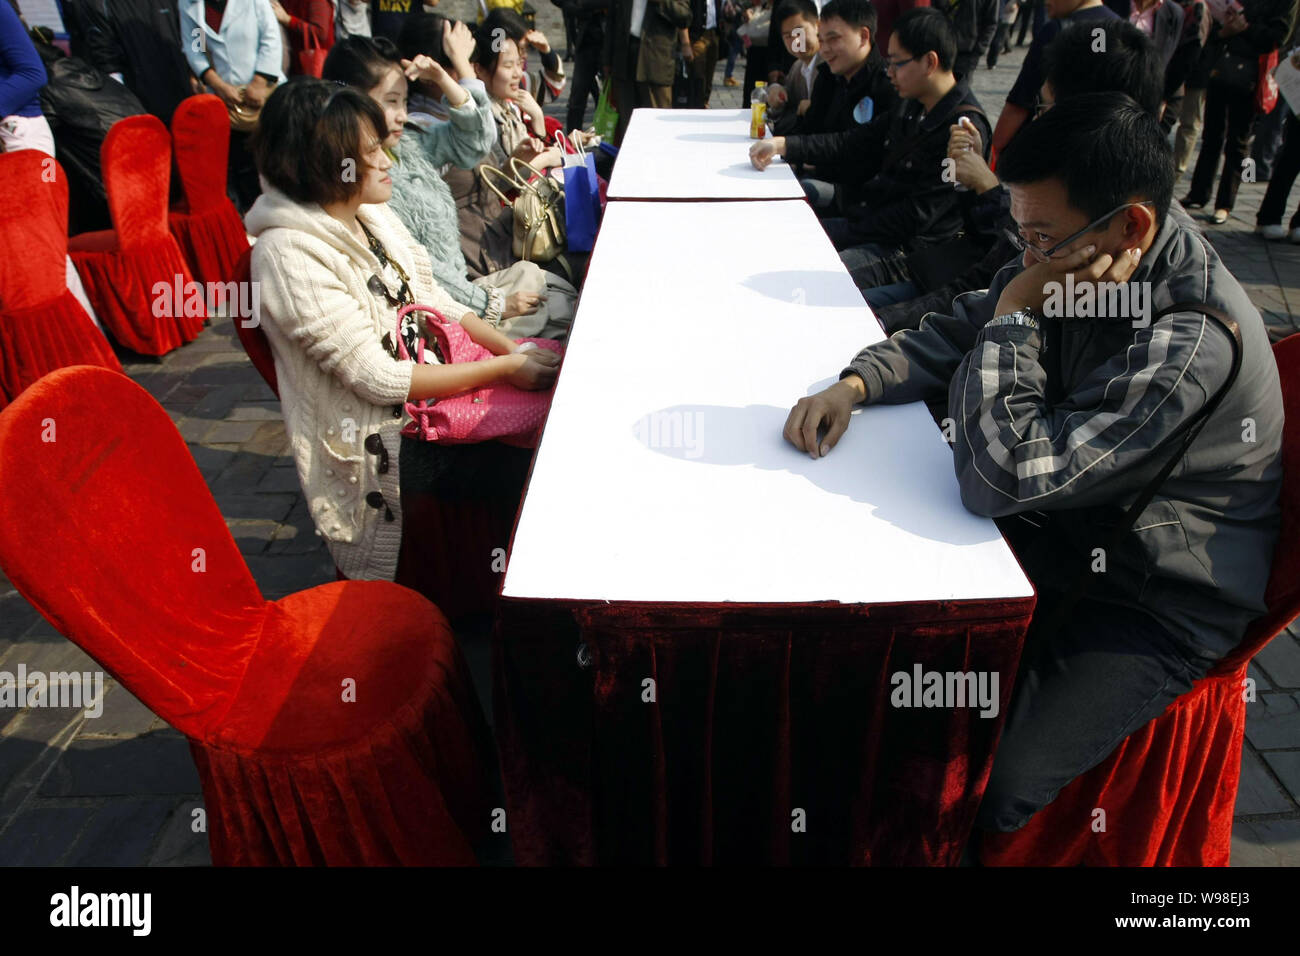 Datazione di un Consiglio cinese uomo